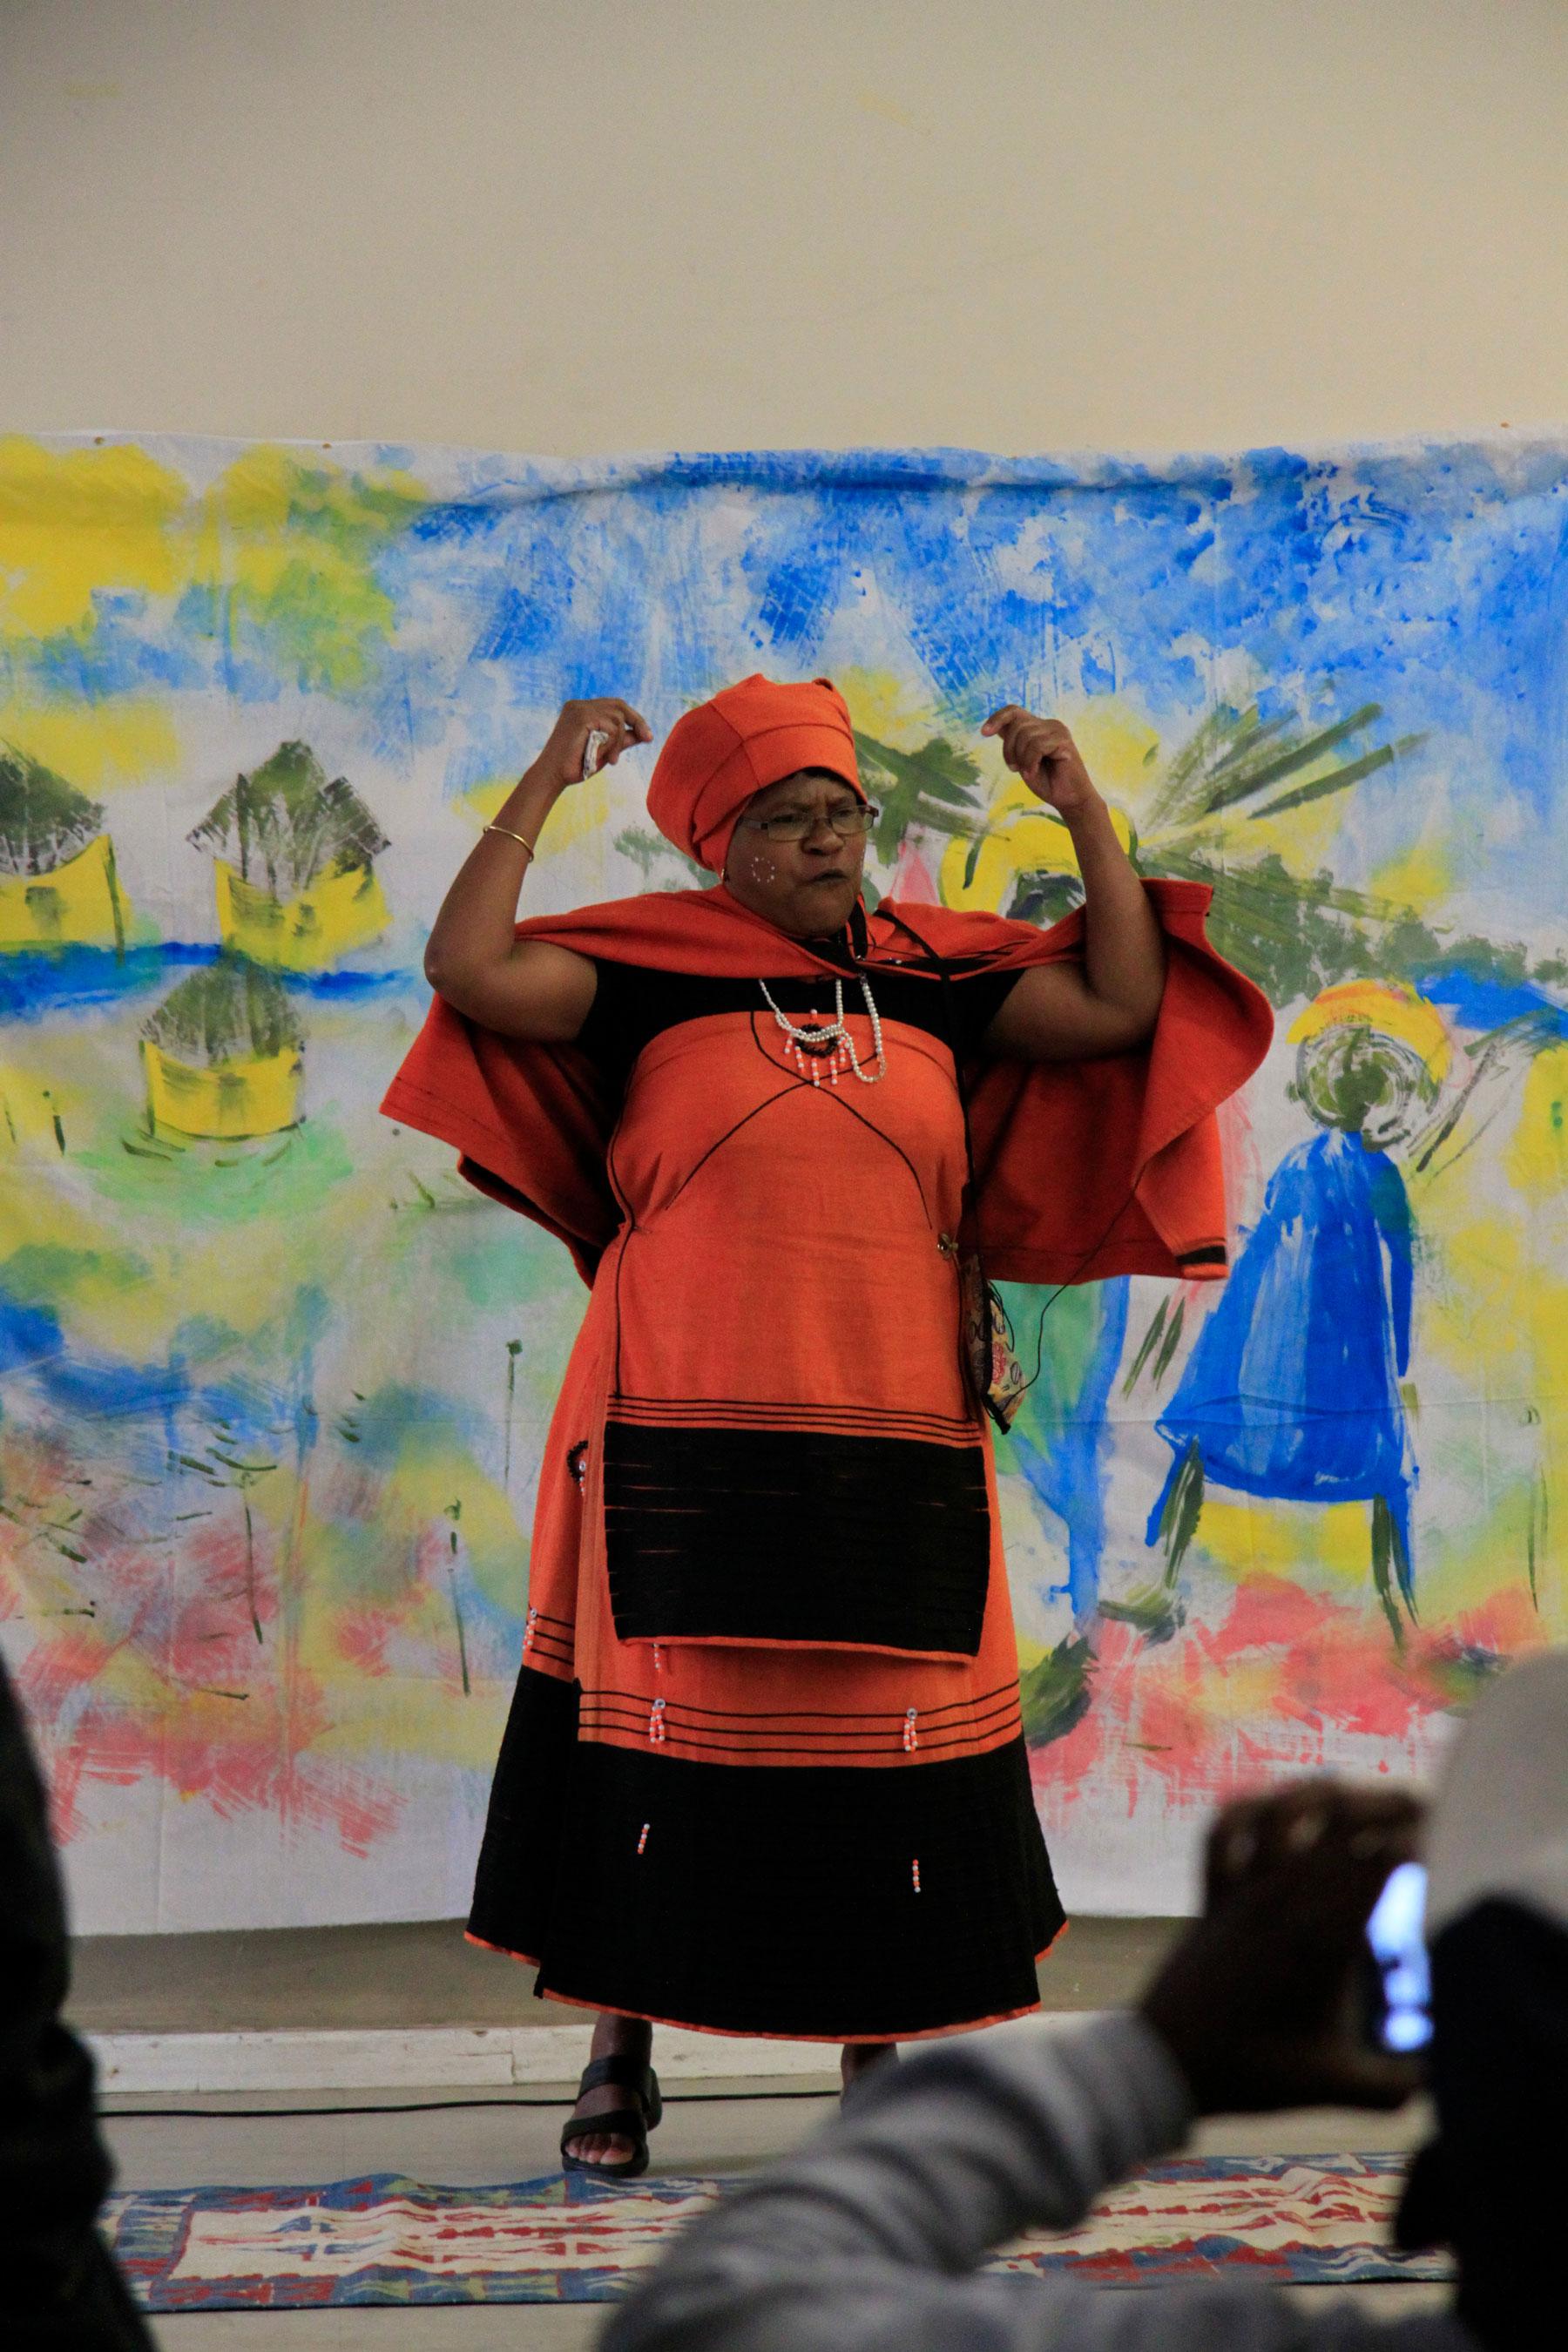 Lady-in-Orange-storytelling-event-Harere-Khayelitsha-2016